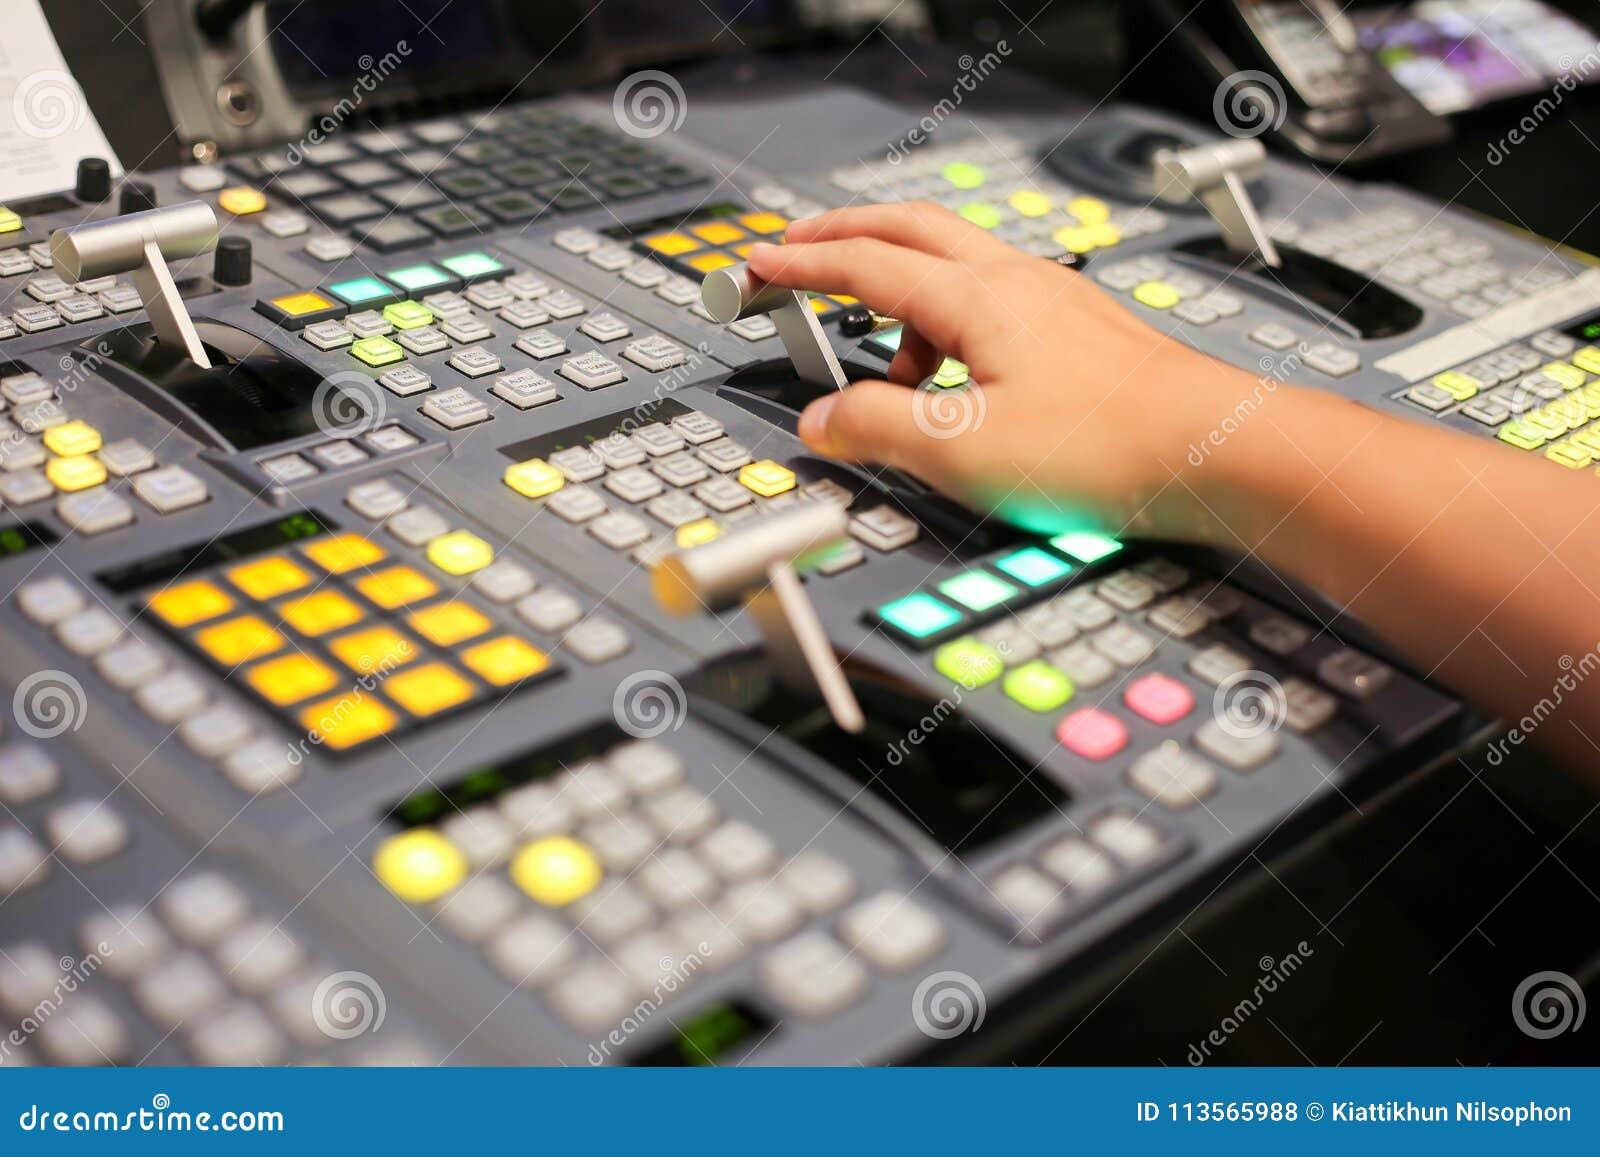 Τα χέρια διαλύουν επάνω Switcher των κουμπιών στο τηλεοπτικό κανάλι στούντιο, Audi